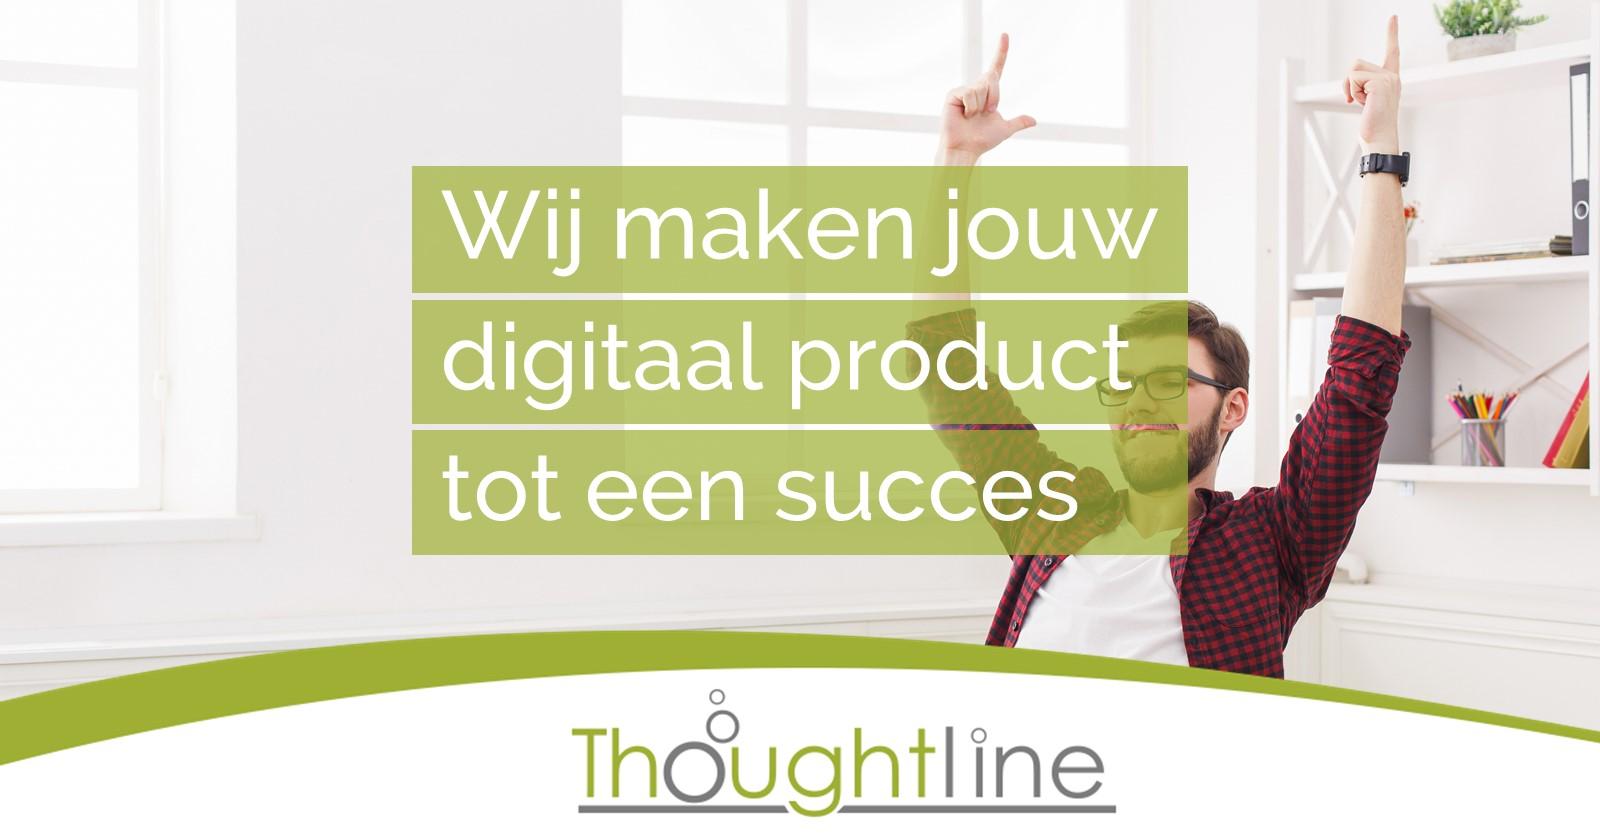 3. Wij maken jouw digitaal product tot een succes Facebook